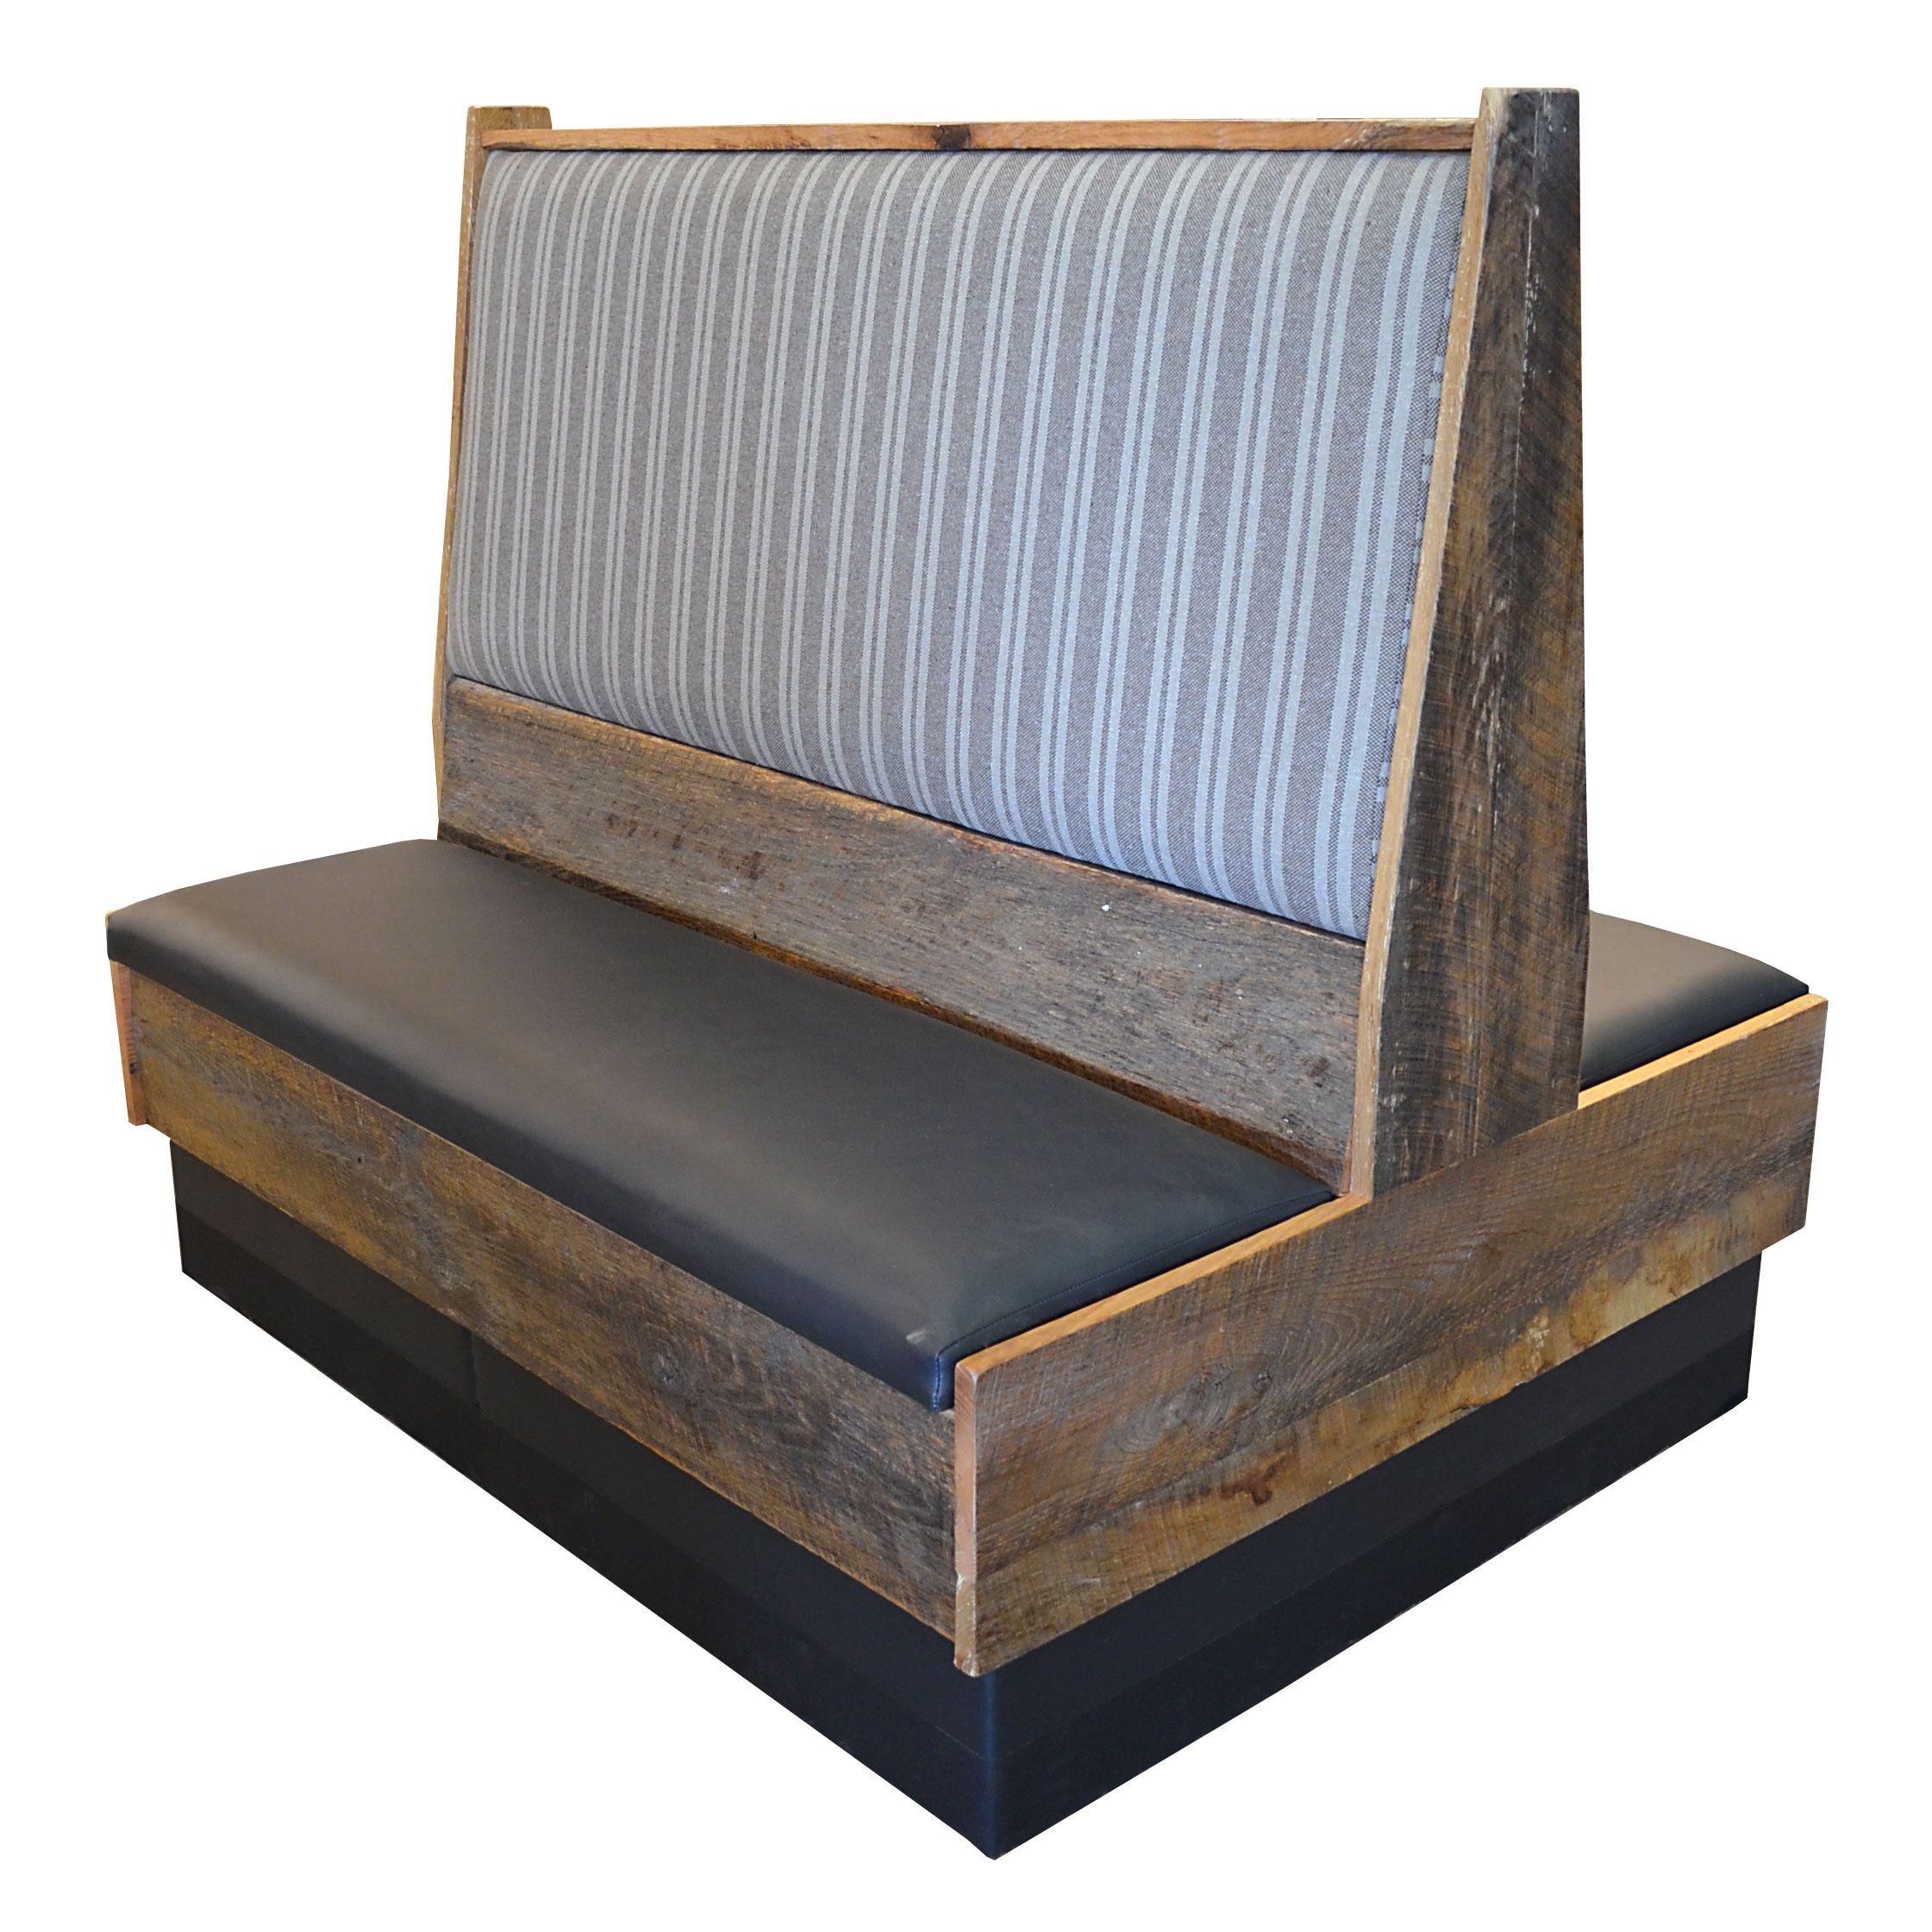 Rustic restaurant furniture - A Custom Made Reclaimed Wood Restaurant Booth Restaurant Furniture